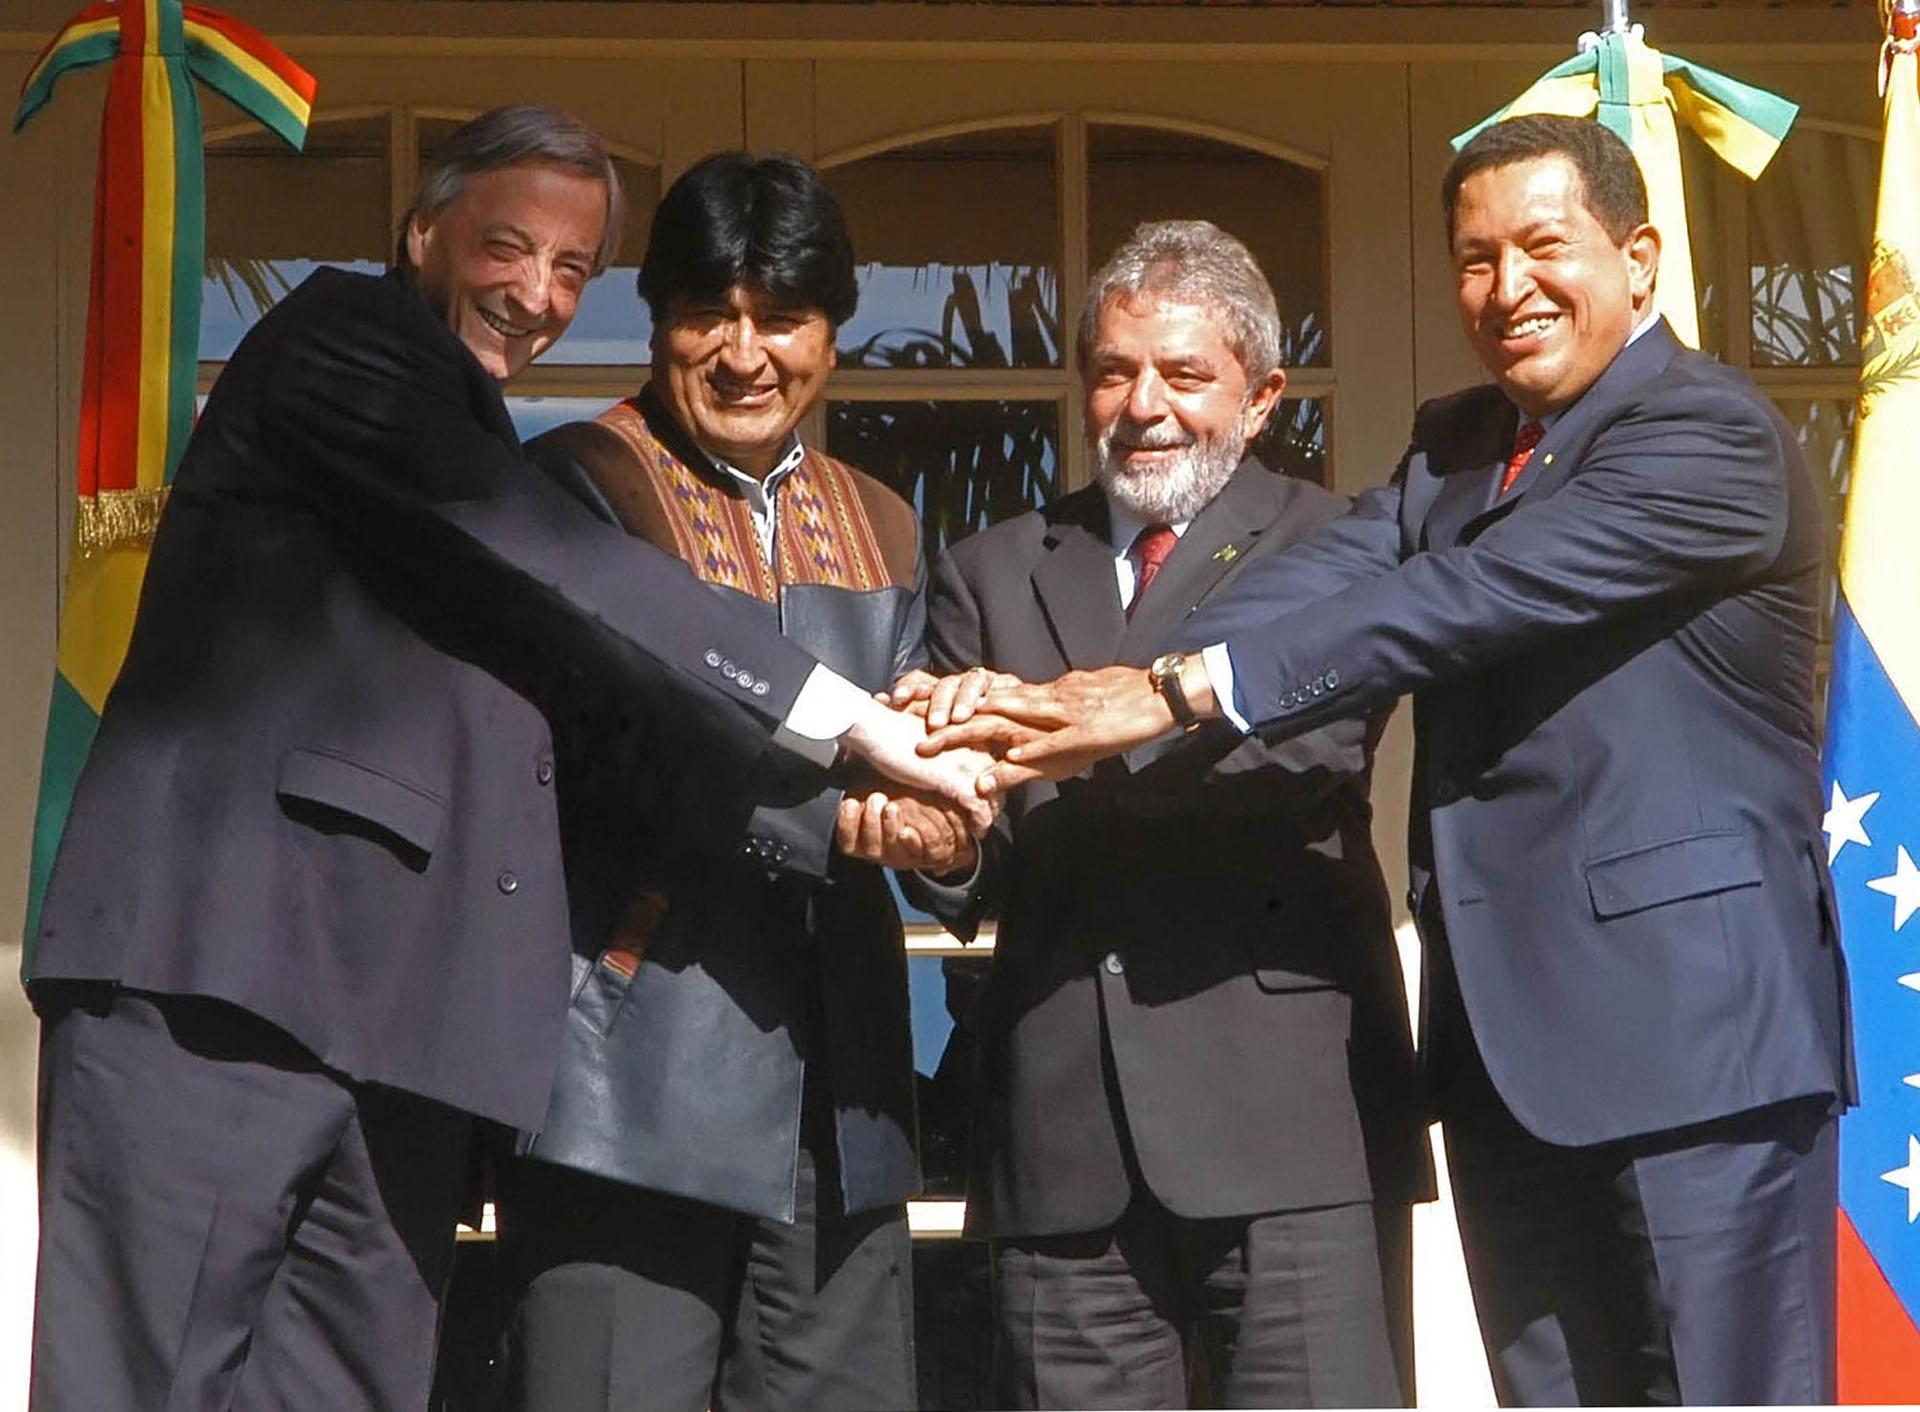 Los presidentes Néstor Kirchner junto a su par de Bolivia, Evo Morales, su par brasileño, Luis Inacio Da Silva, y su par venezolano, Hugo Chávez, posan para la foto oficial de la Cumbre de los Presidentes